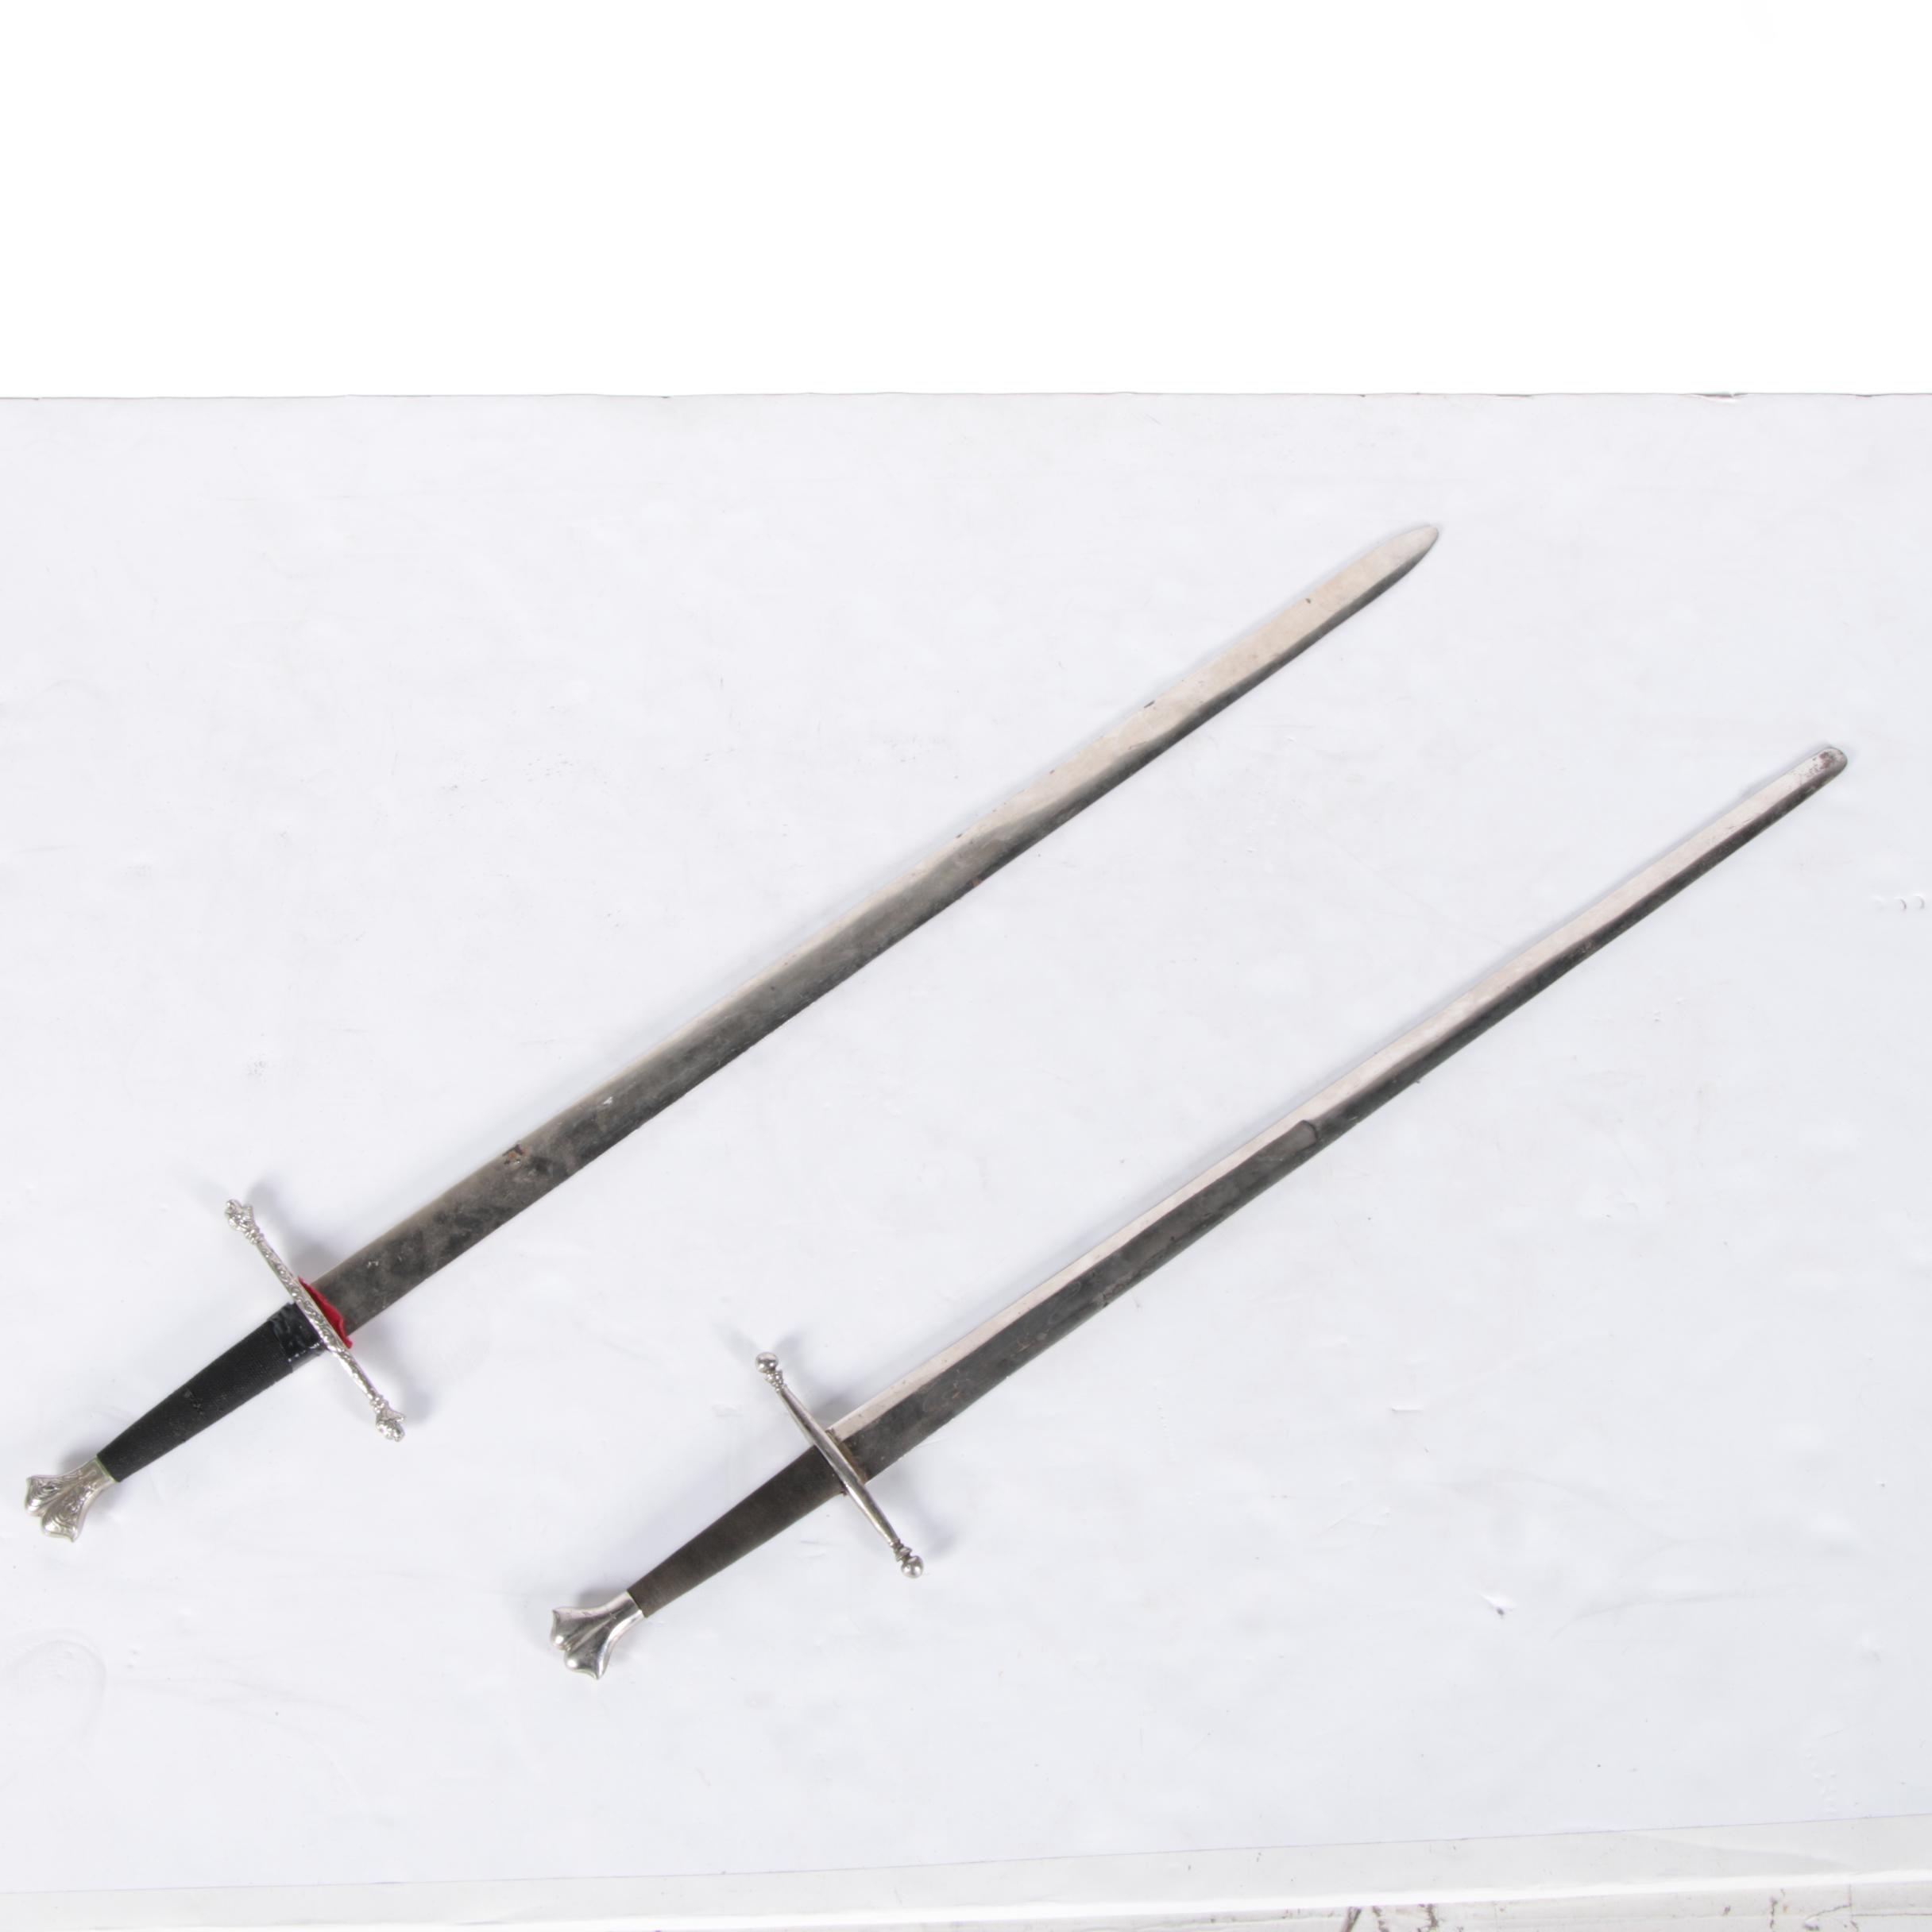 Replica type XVIII Knightly Swords